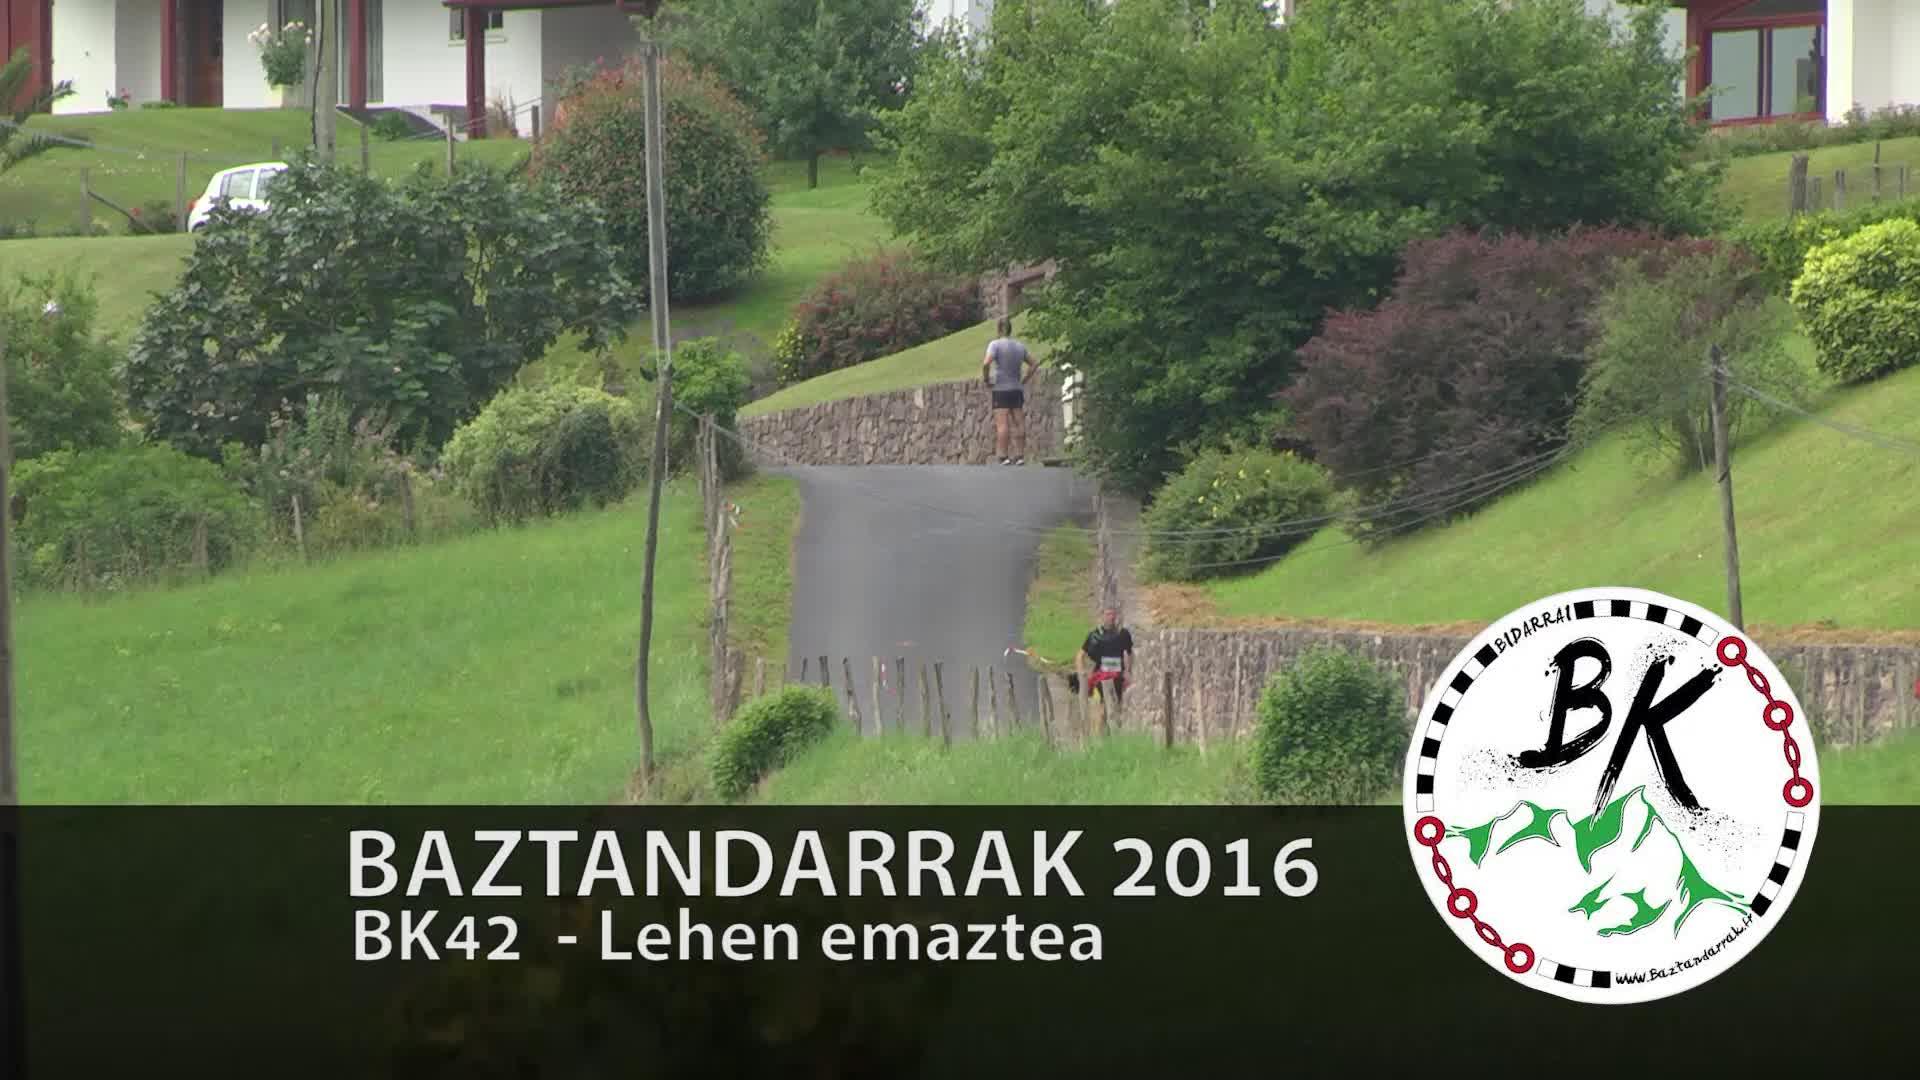 BAZTANDARRAK 2016 BK42 Lehen emaztea